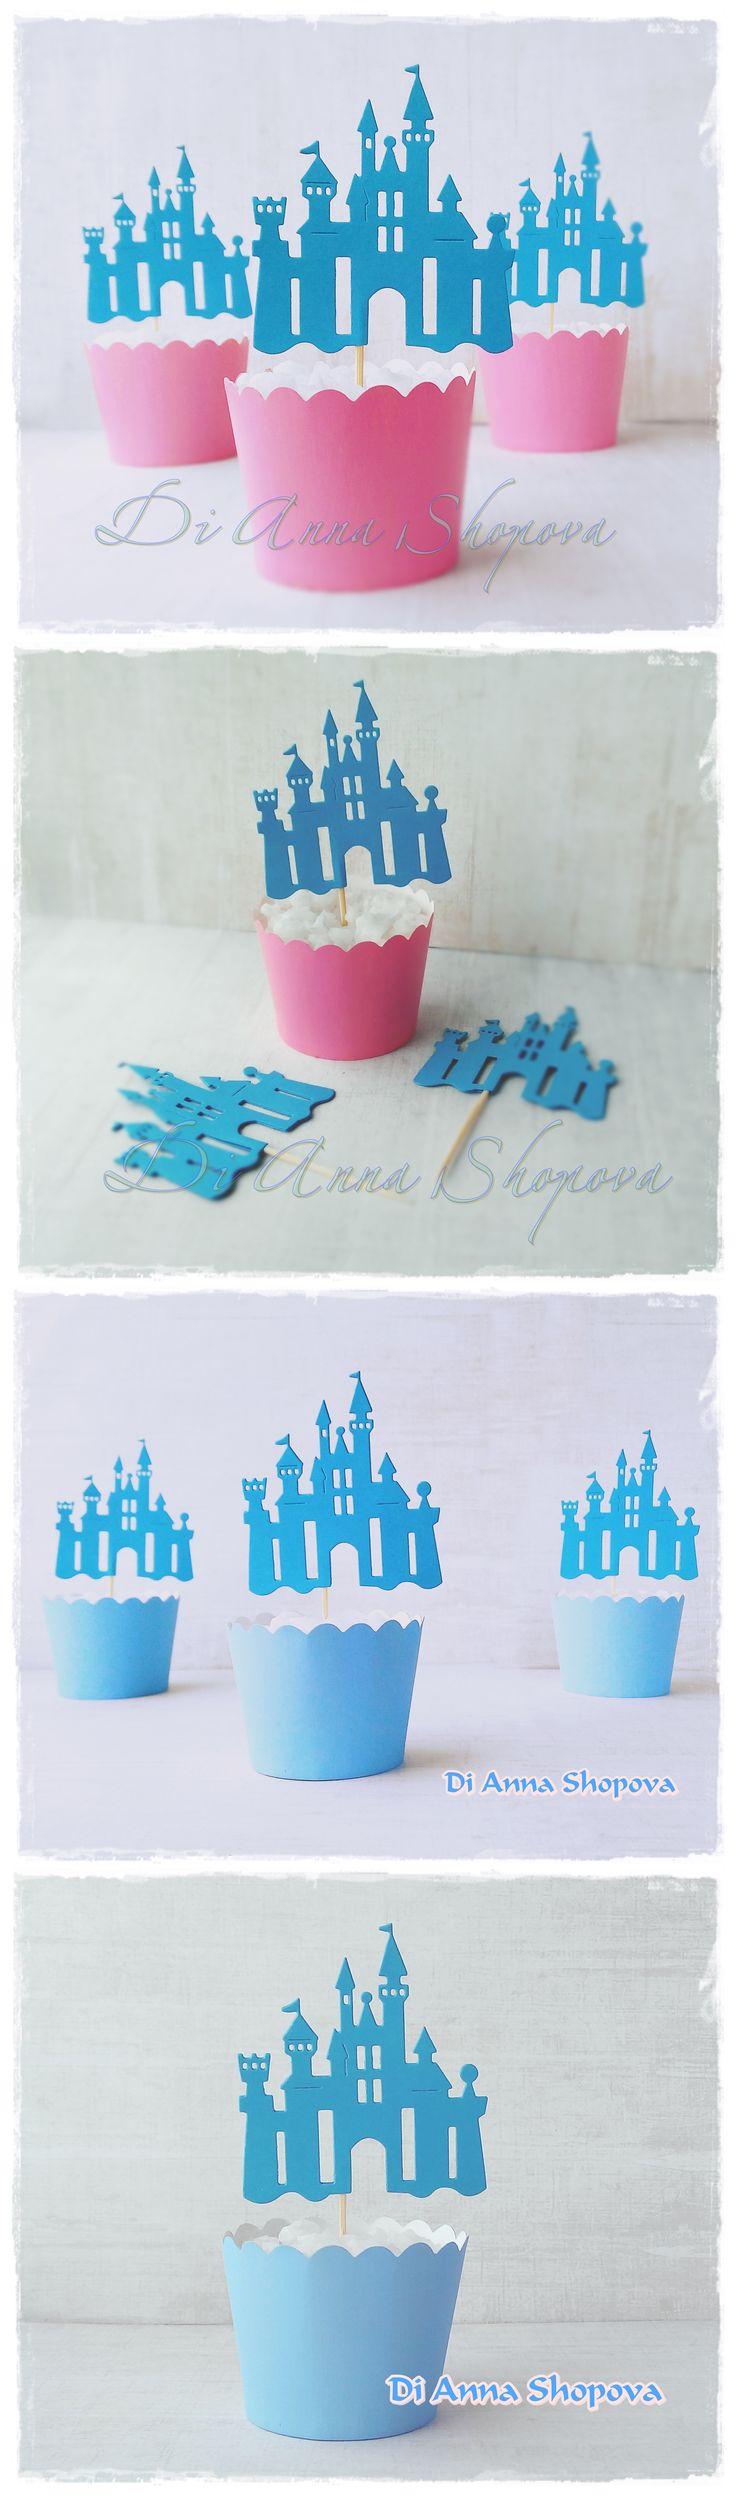 castle cupcakes ile ilgili pinterest'teki en iyi 25'den fazla fikir